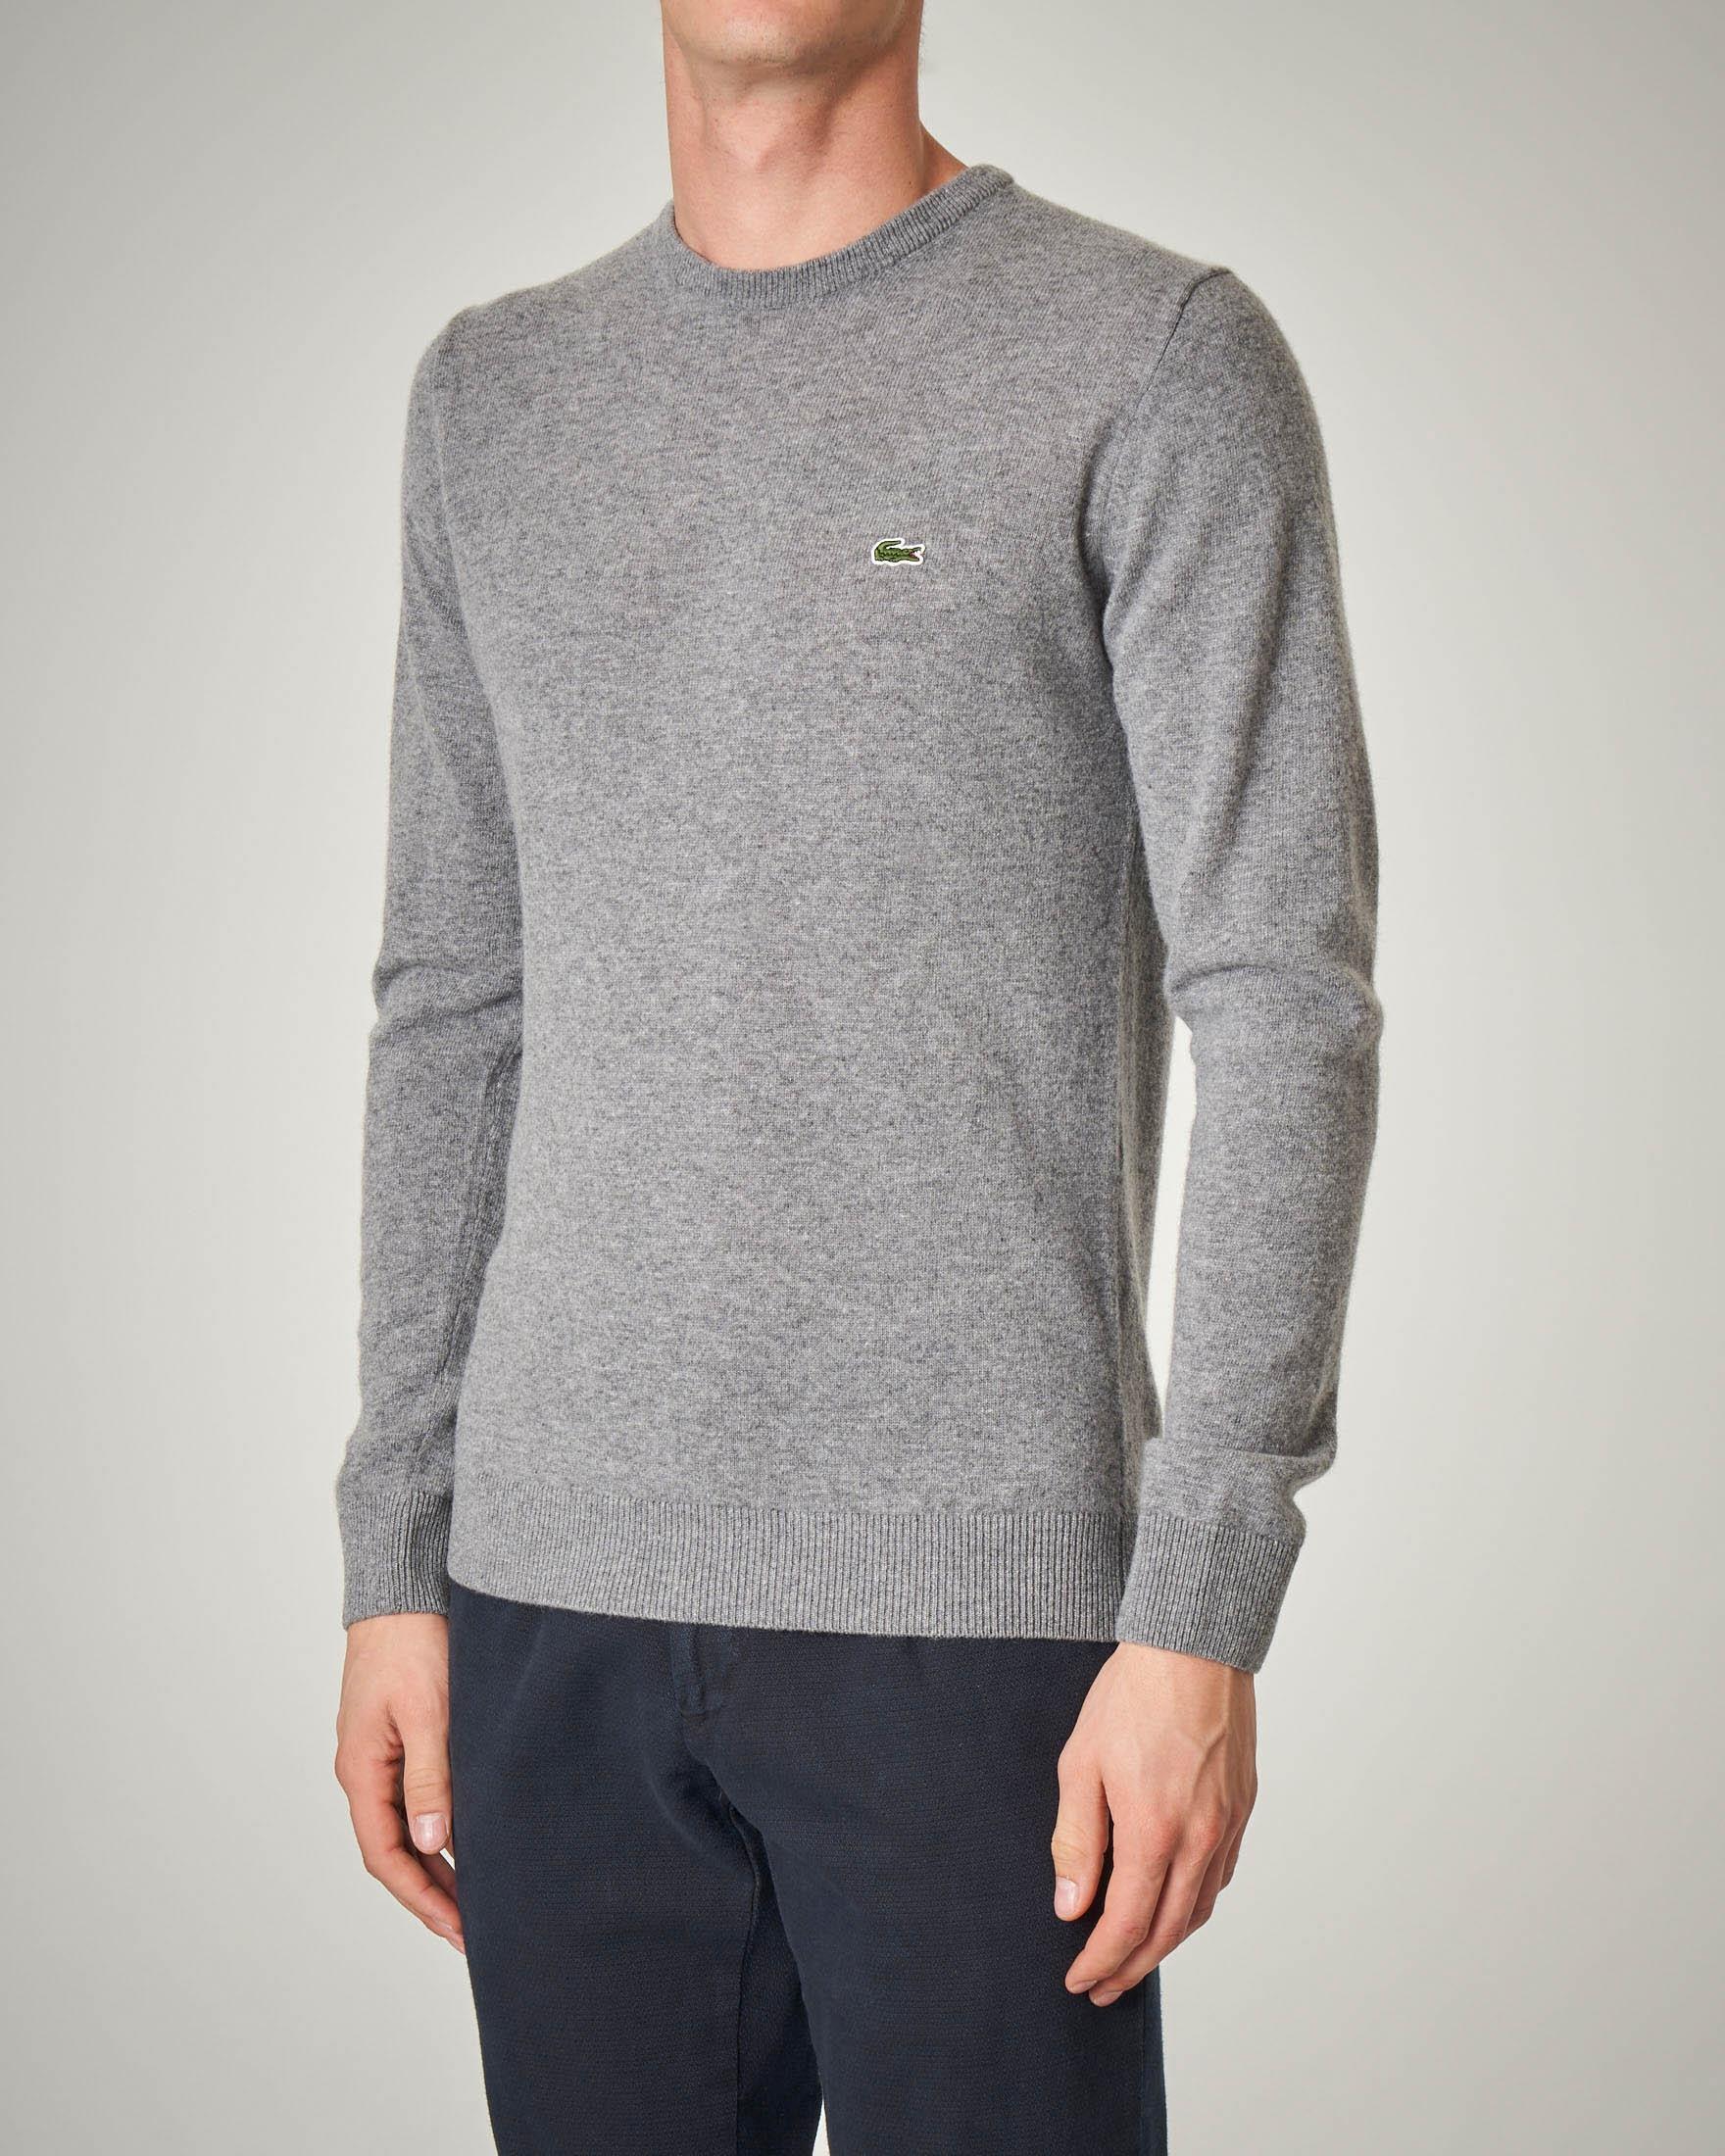 Maglia grigia girocollo in lana